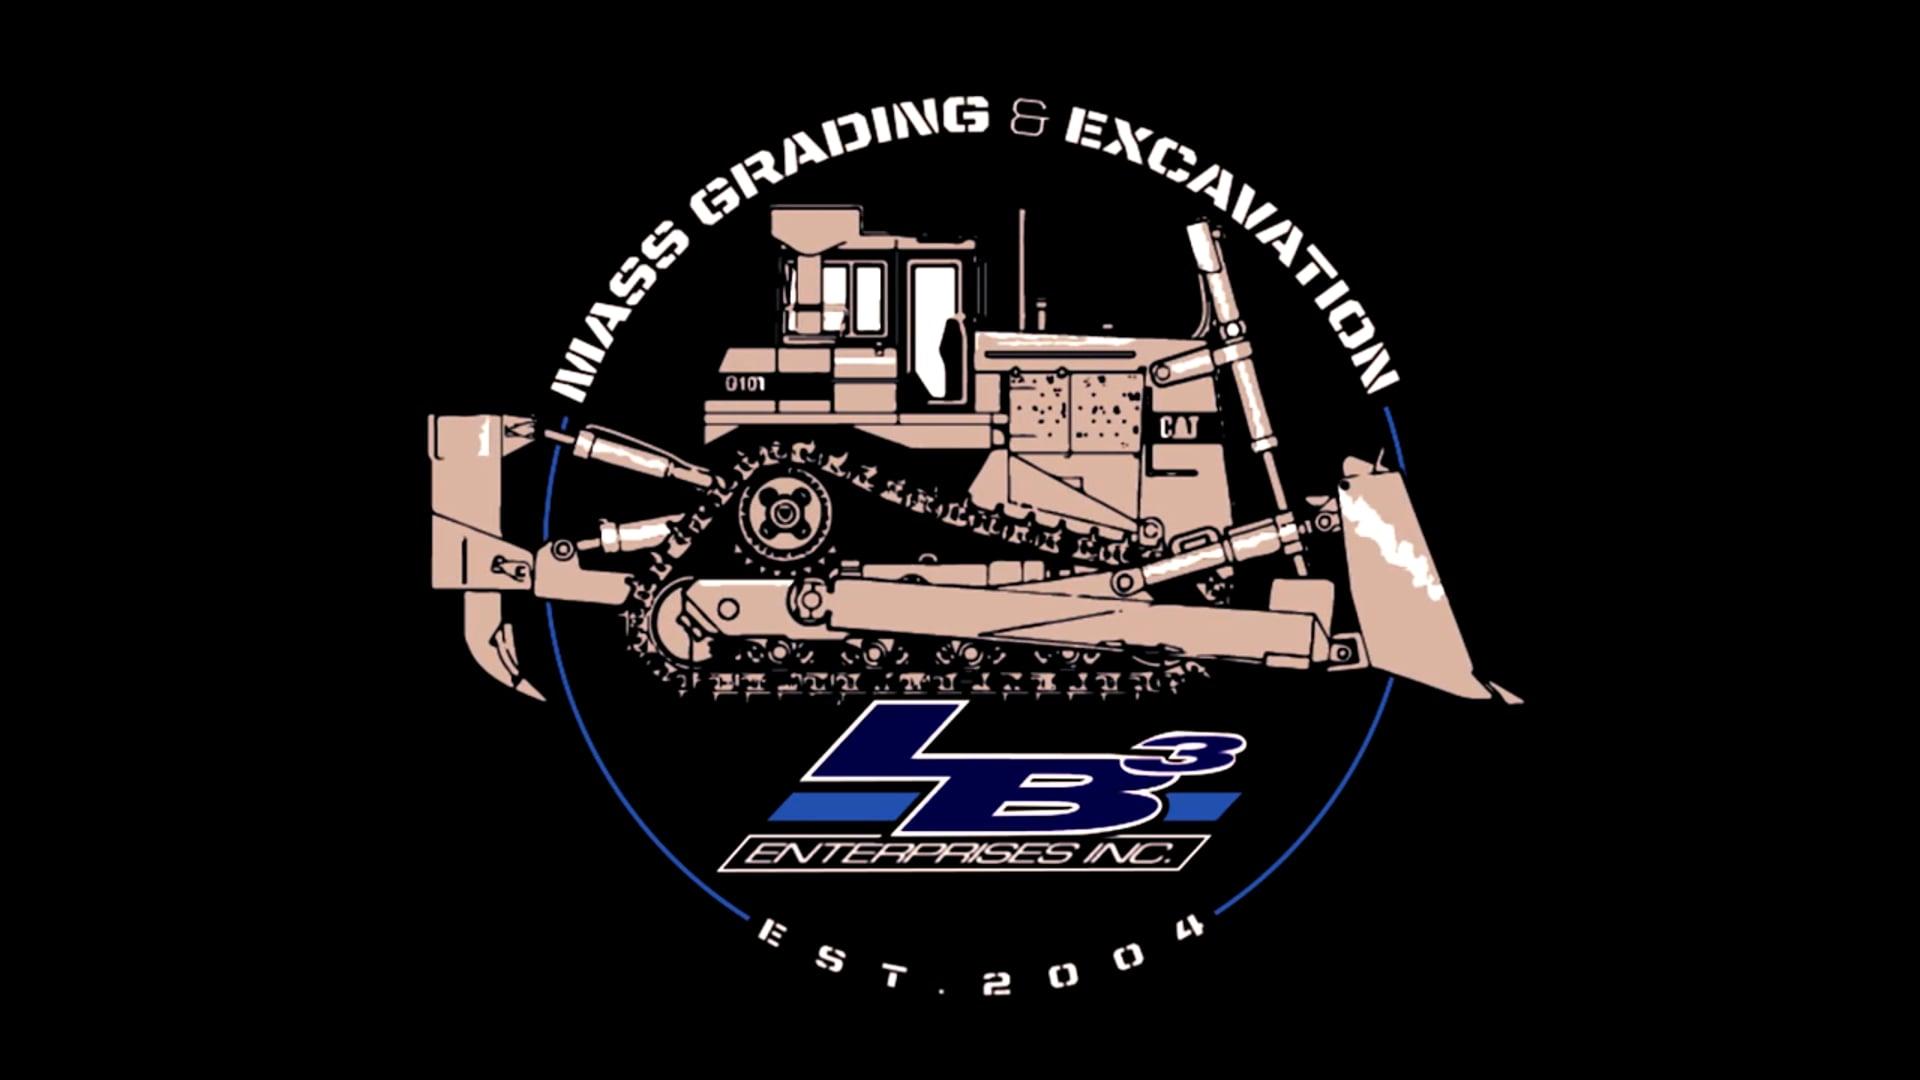 LB3 Company Profile Video